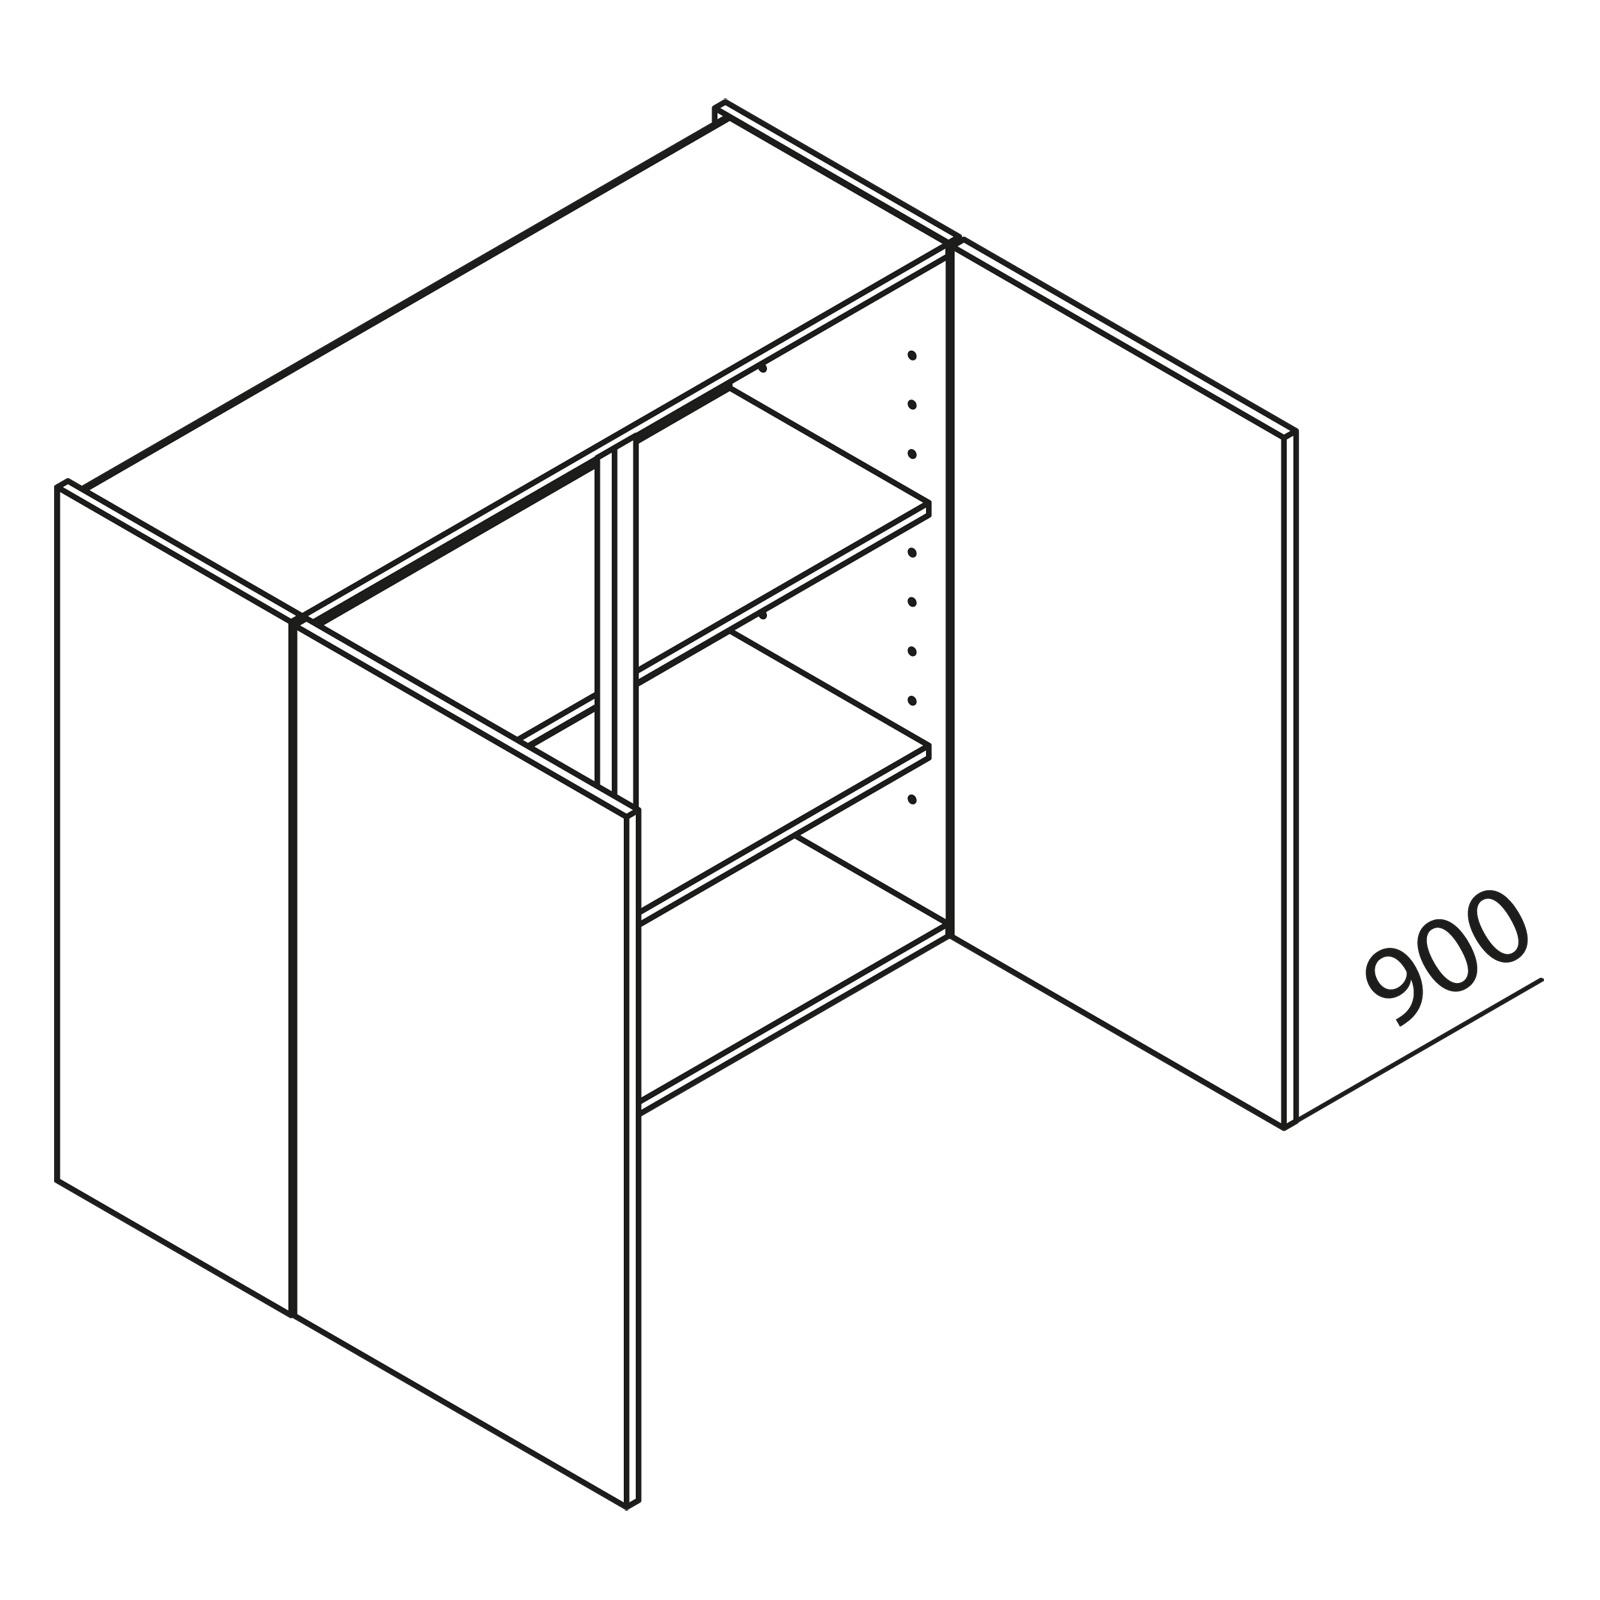 nolte k chen h ngeschrank h100 90. Black Bedroom Furniture Sets. Home Design Ideas